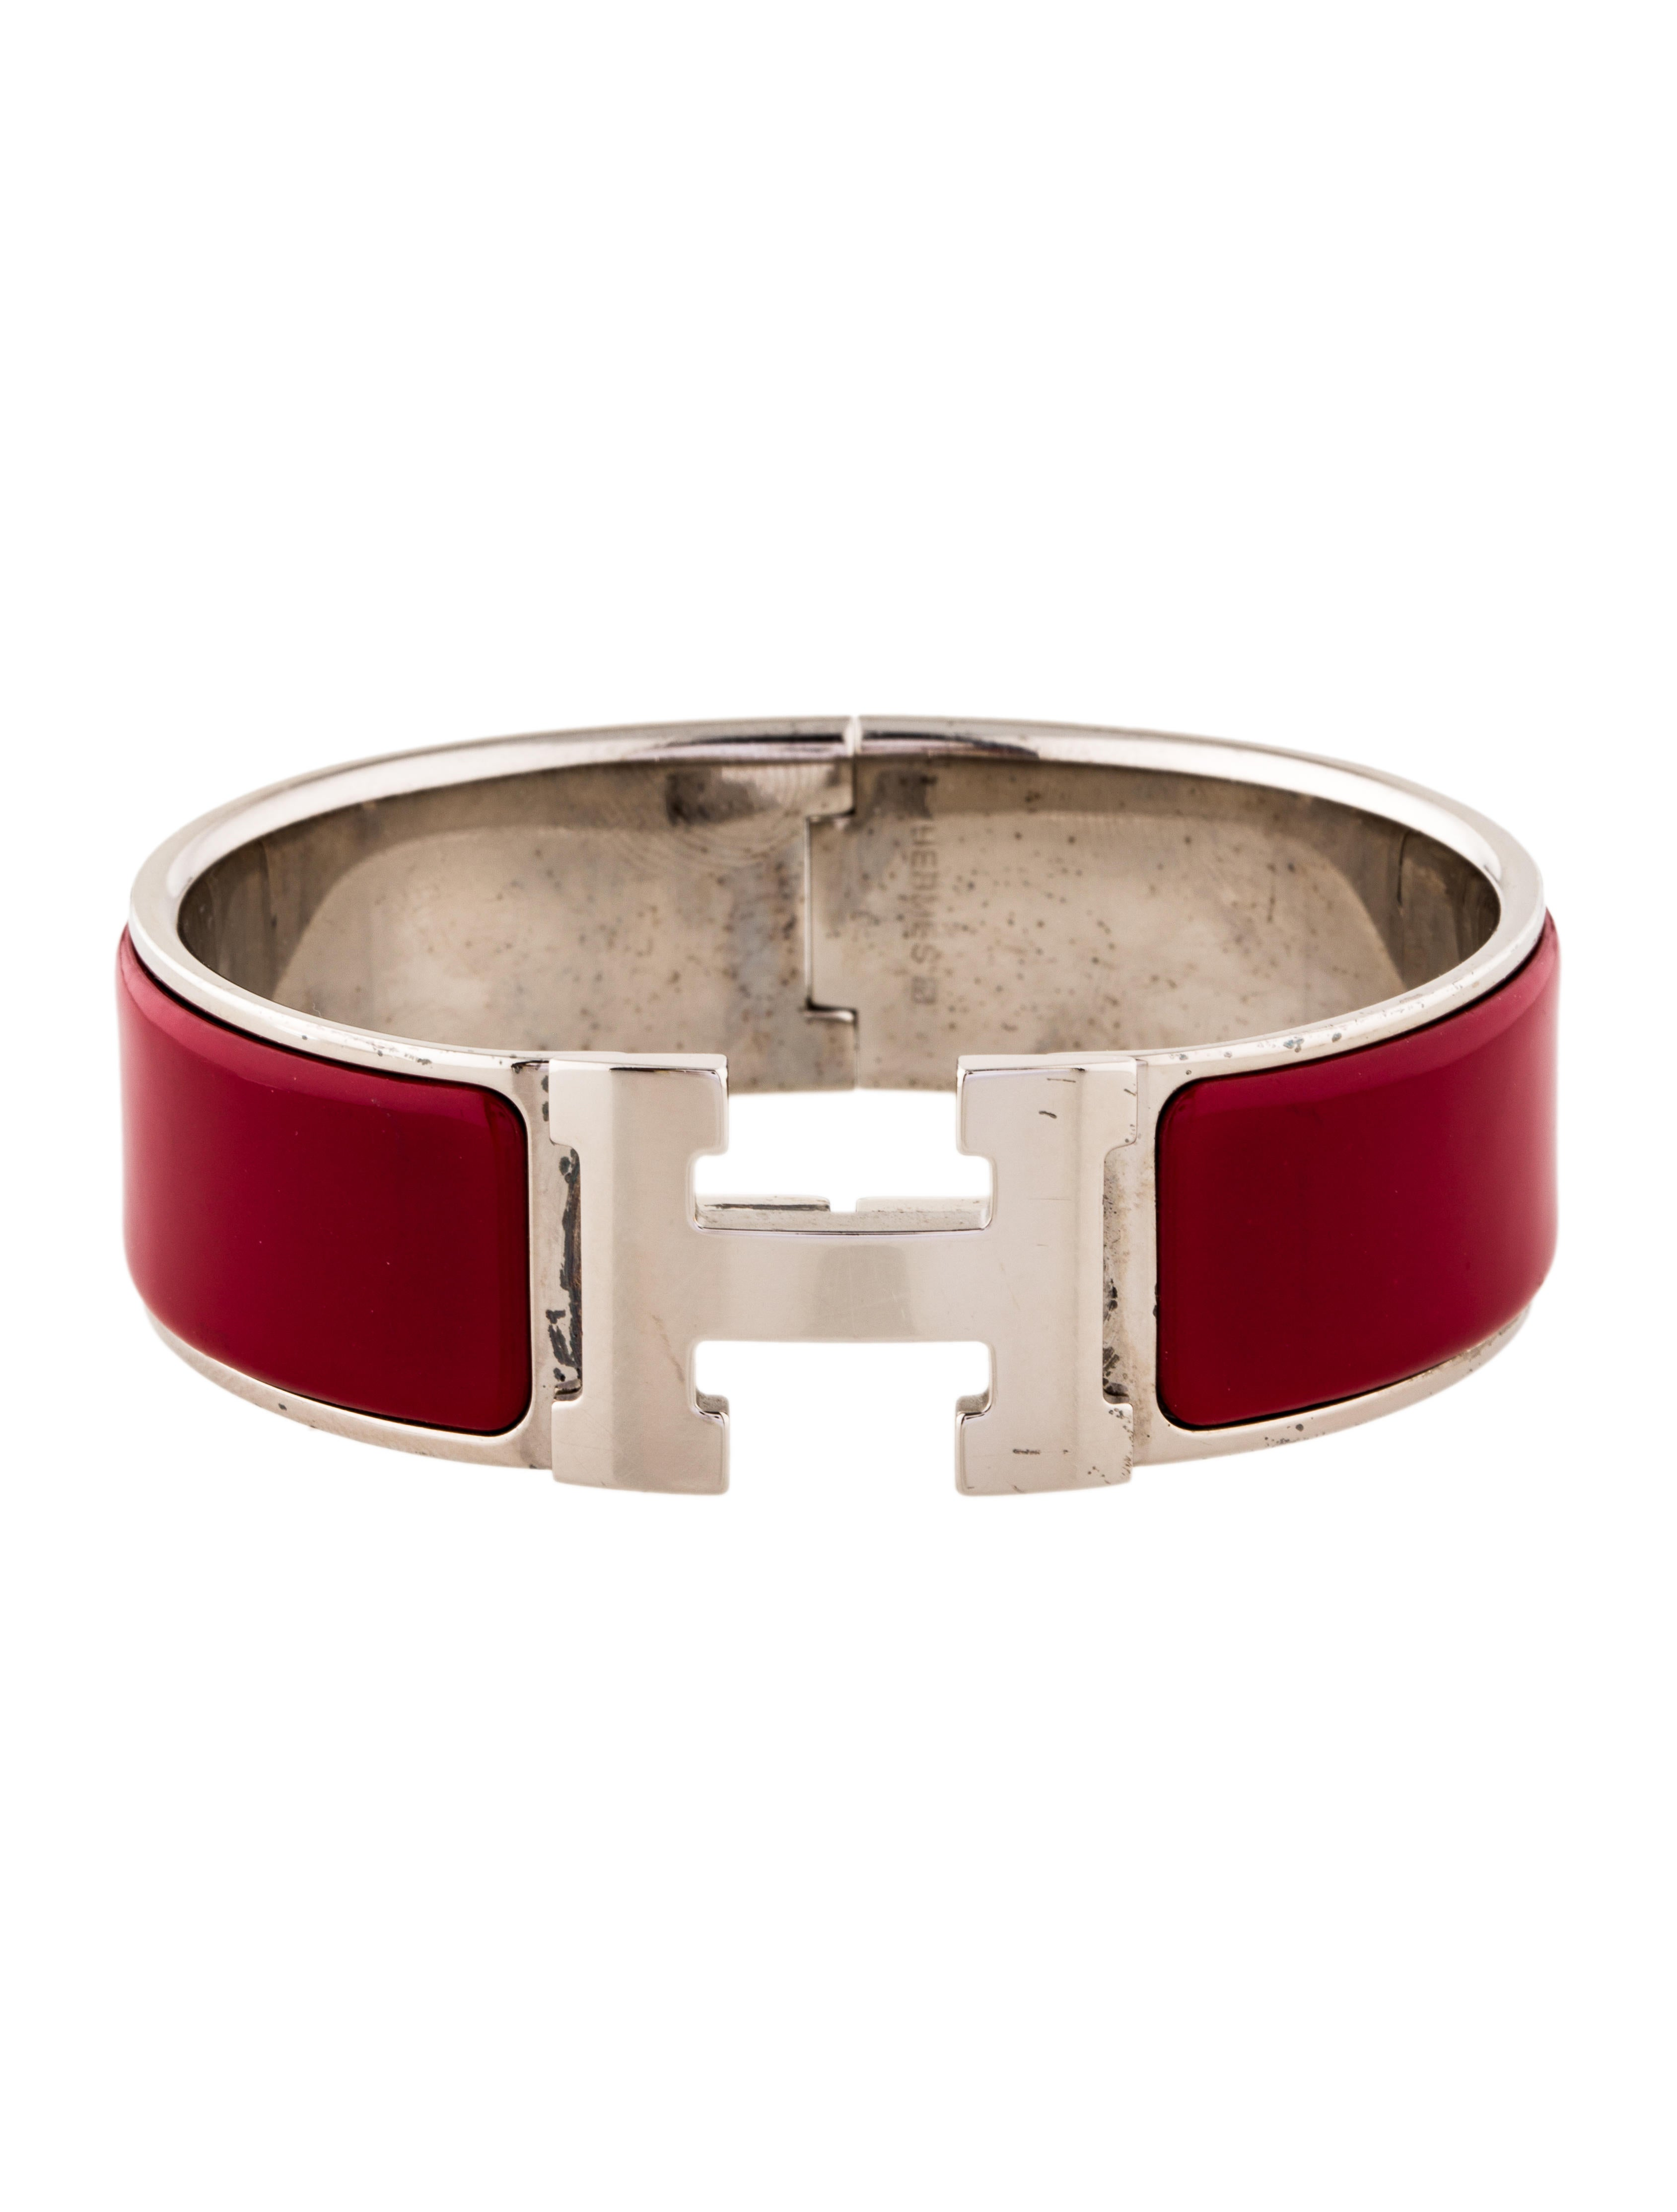 herm s clic clac h bracelet bracelets her106301 the. Black Bedroom Furniture Sets. Home Design Ideas